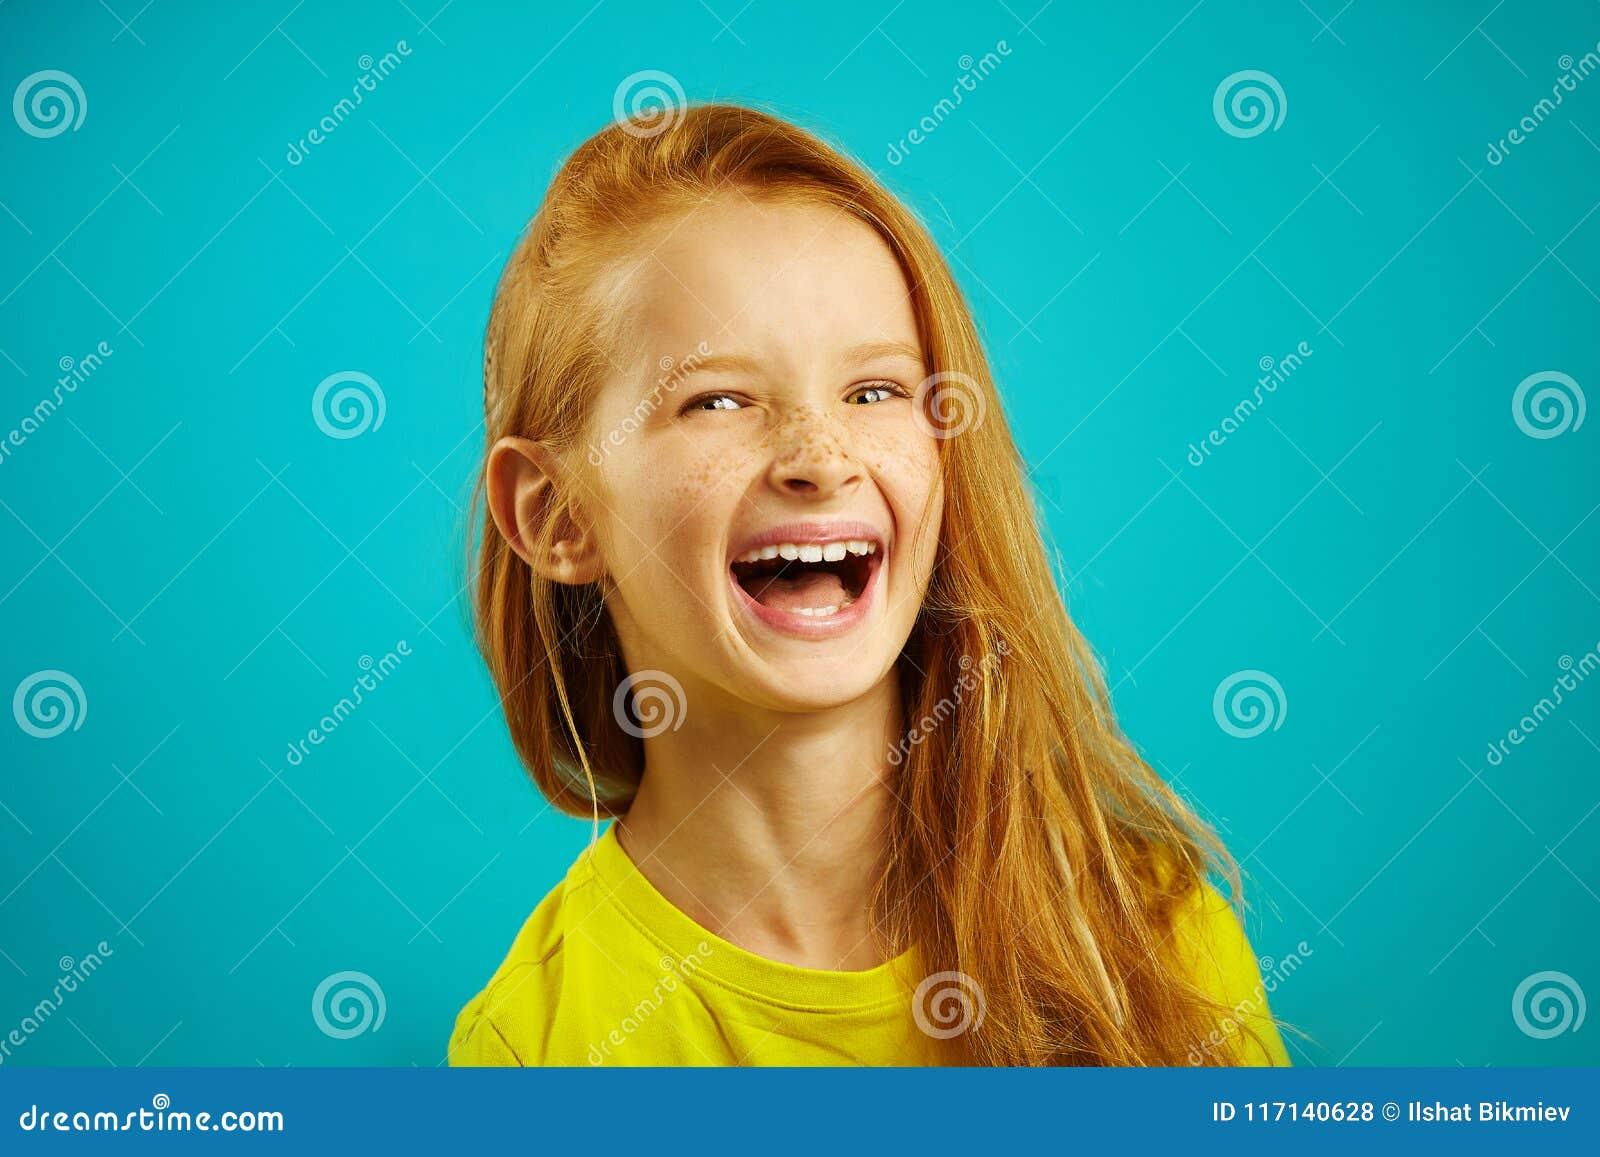 Το εύθυμο μικρό κορίτσι γελά μια ειλικρινής έκφραση των συναισθημάτων, πορτρέτο του ευτυχούς παιδιού στο μπλε υπόβαθρο